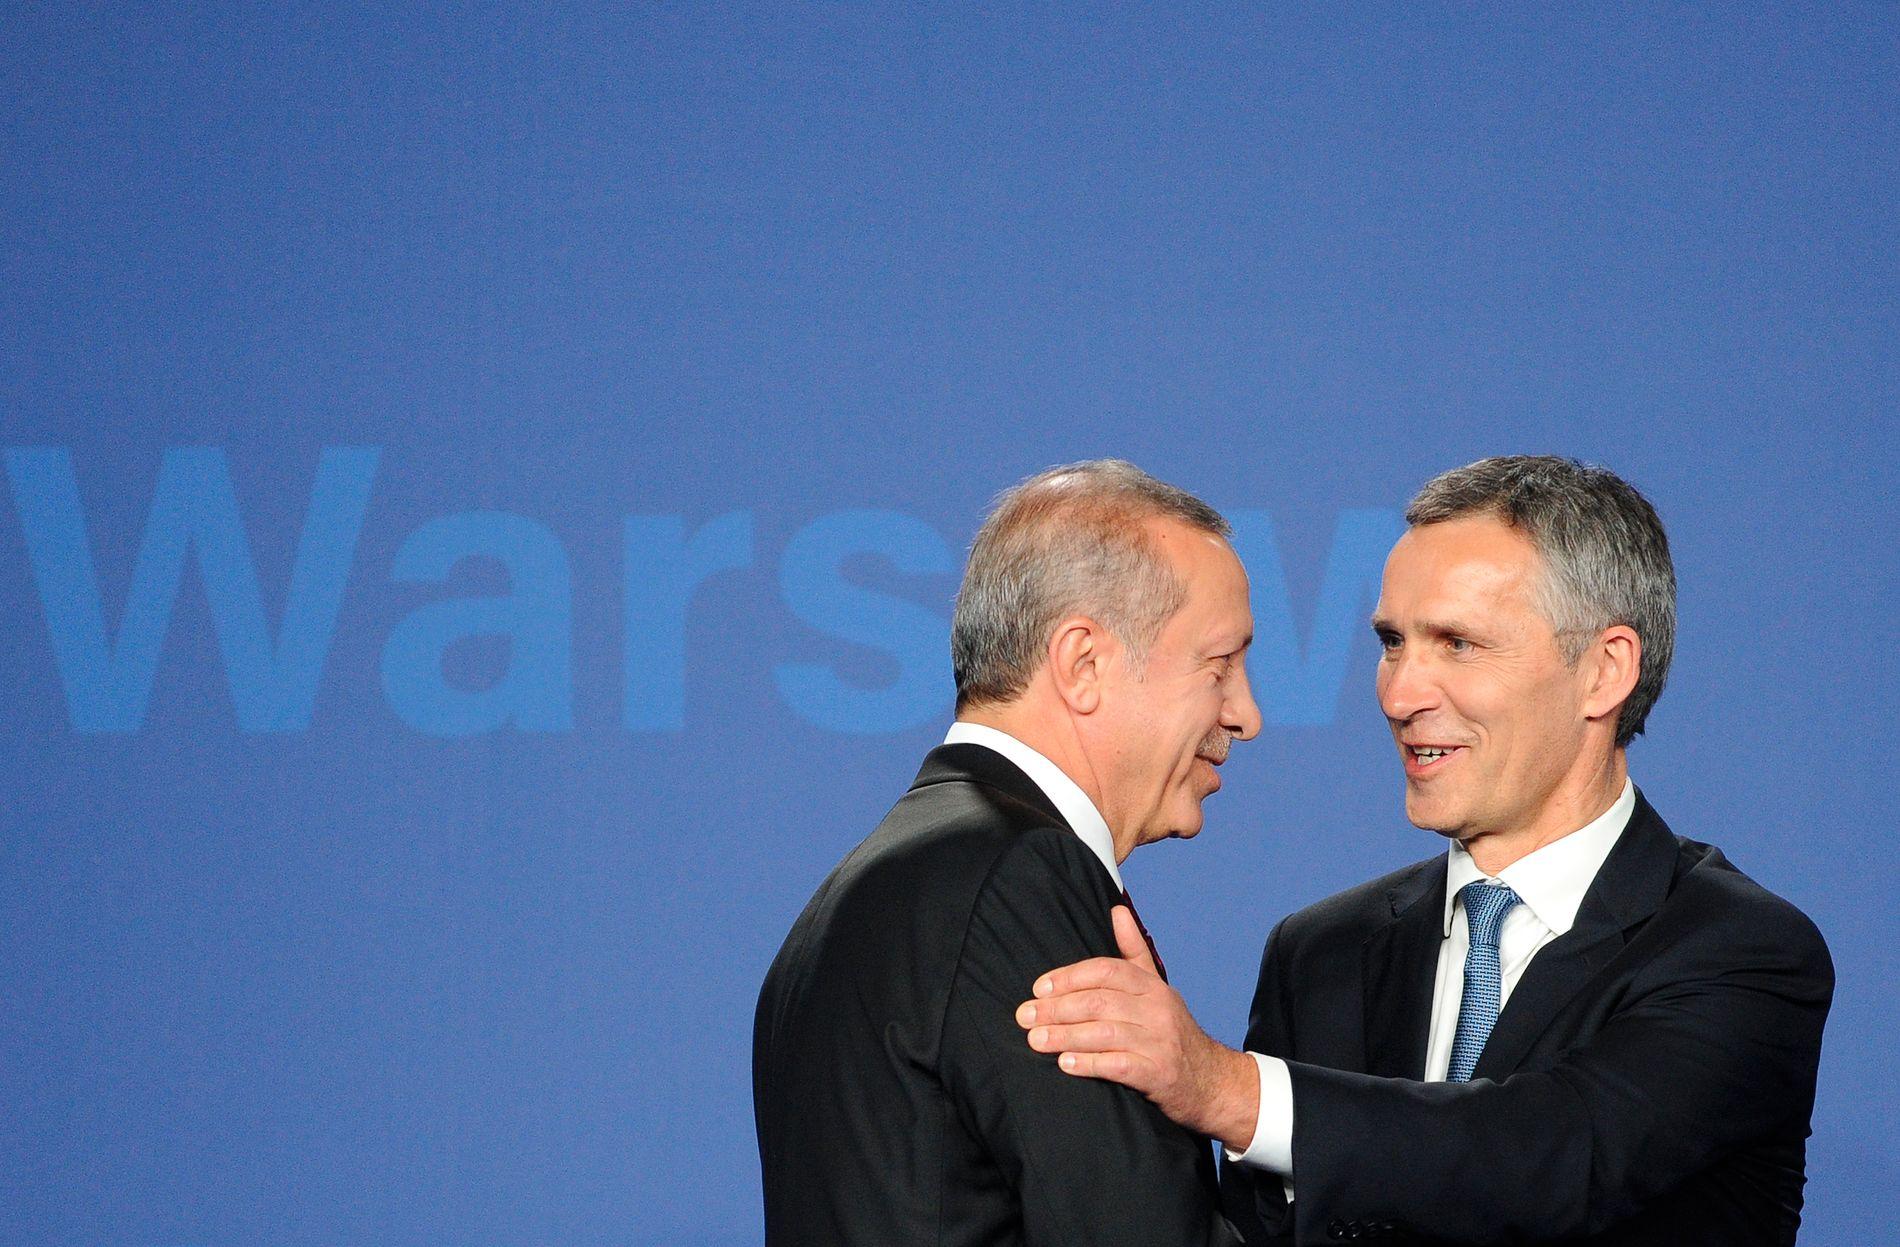 SENTRALE BRIKKER: To av de viktigste aktørene i etterspillet av kuppforsøket i Tyrkia er presidenten i landet, Recep Erdogan og NATO. Her møter Erdogan generalsekretær Jens Stoltenberg i Warszawa i juli.